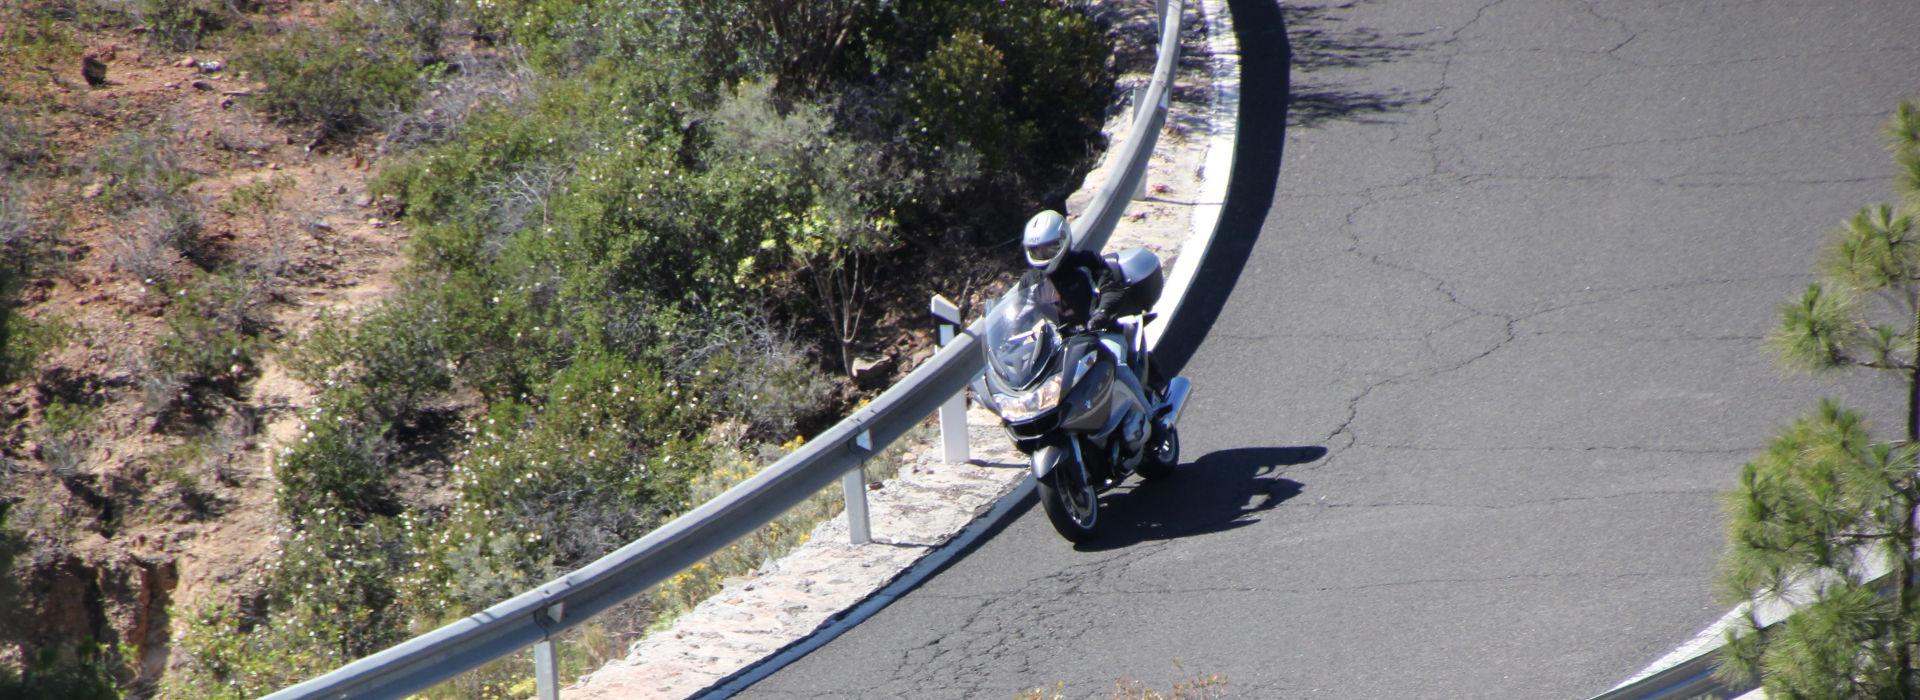 Motorrijbewijspoint Heerlen spoed motorrijbewijs